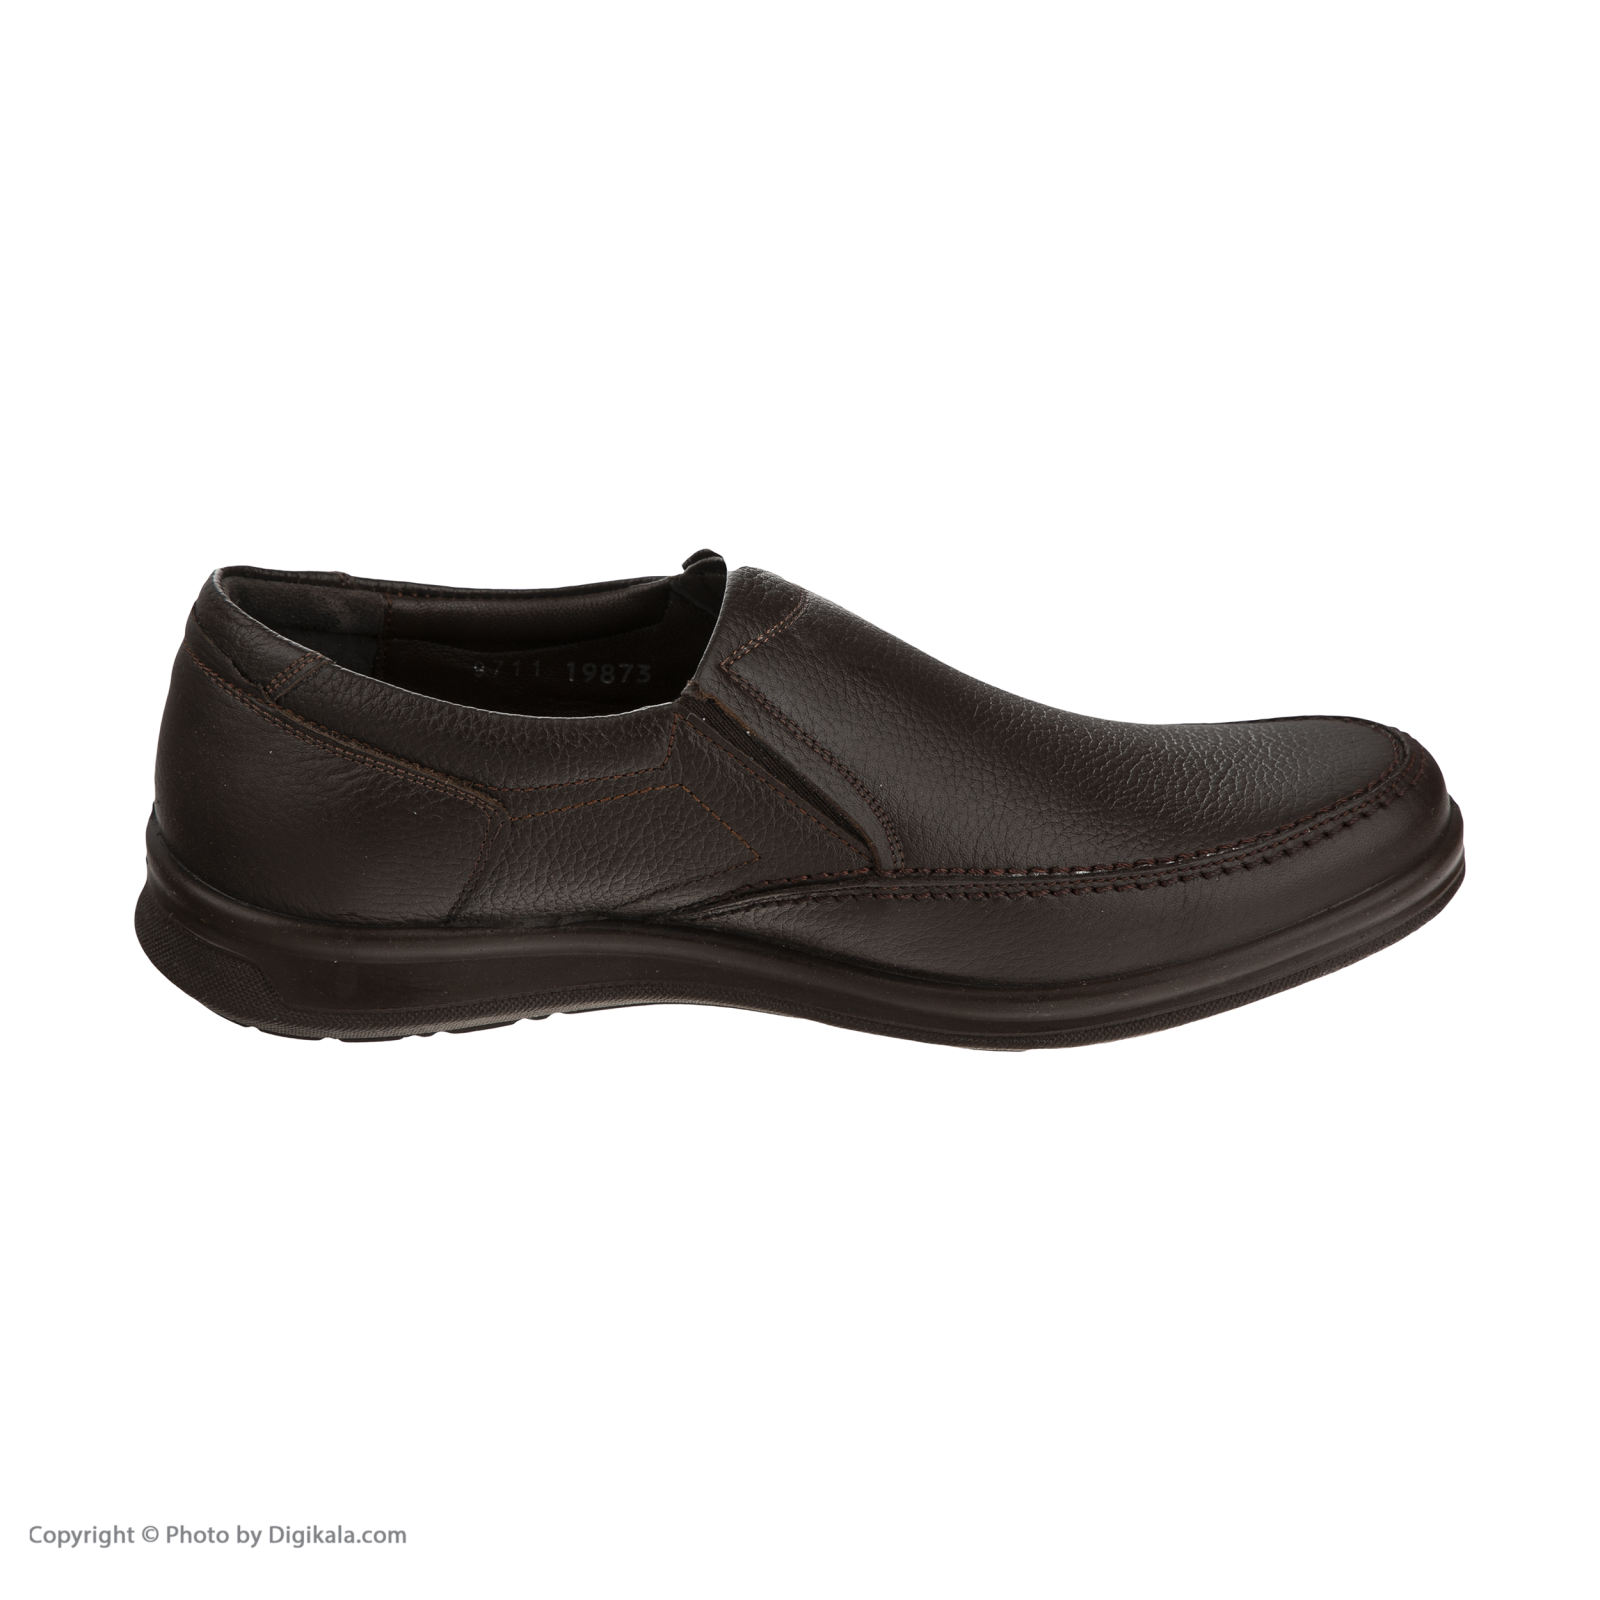 کفش روزمره مردانه بلوط مدل 7296A503104 -  - 7